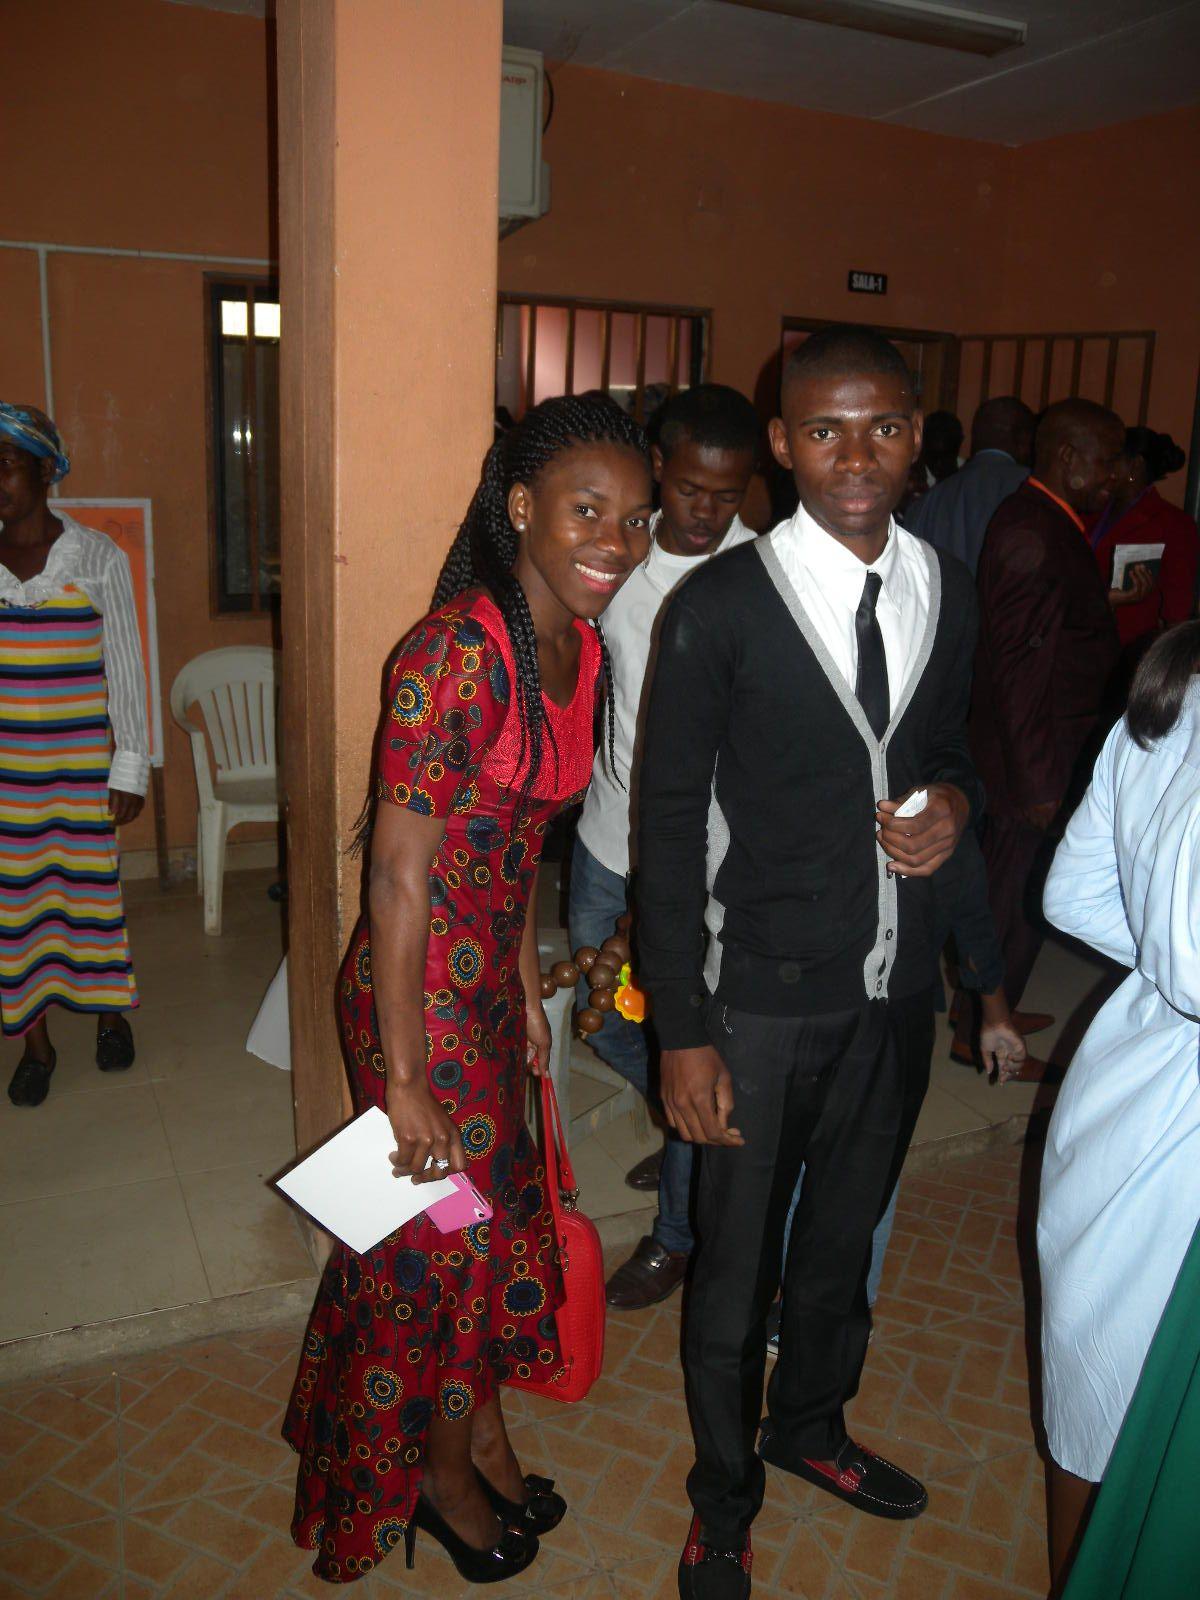 vestido africano longo, usado por uma madrinha.